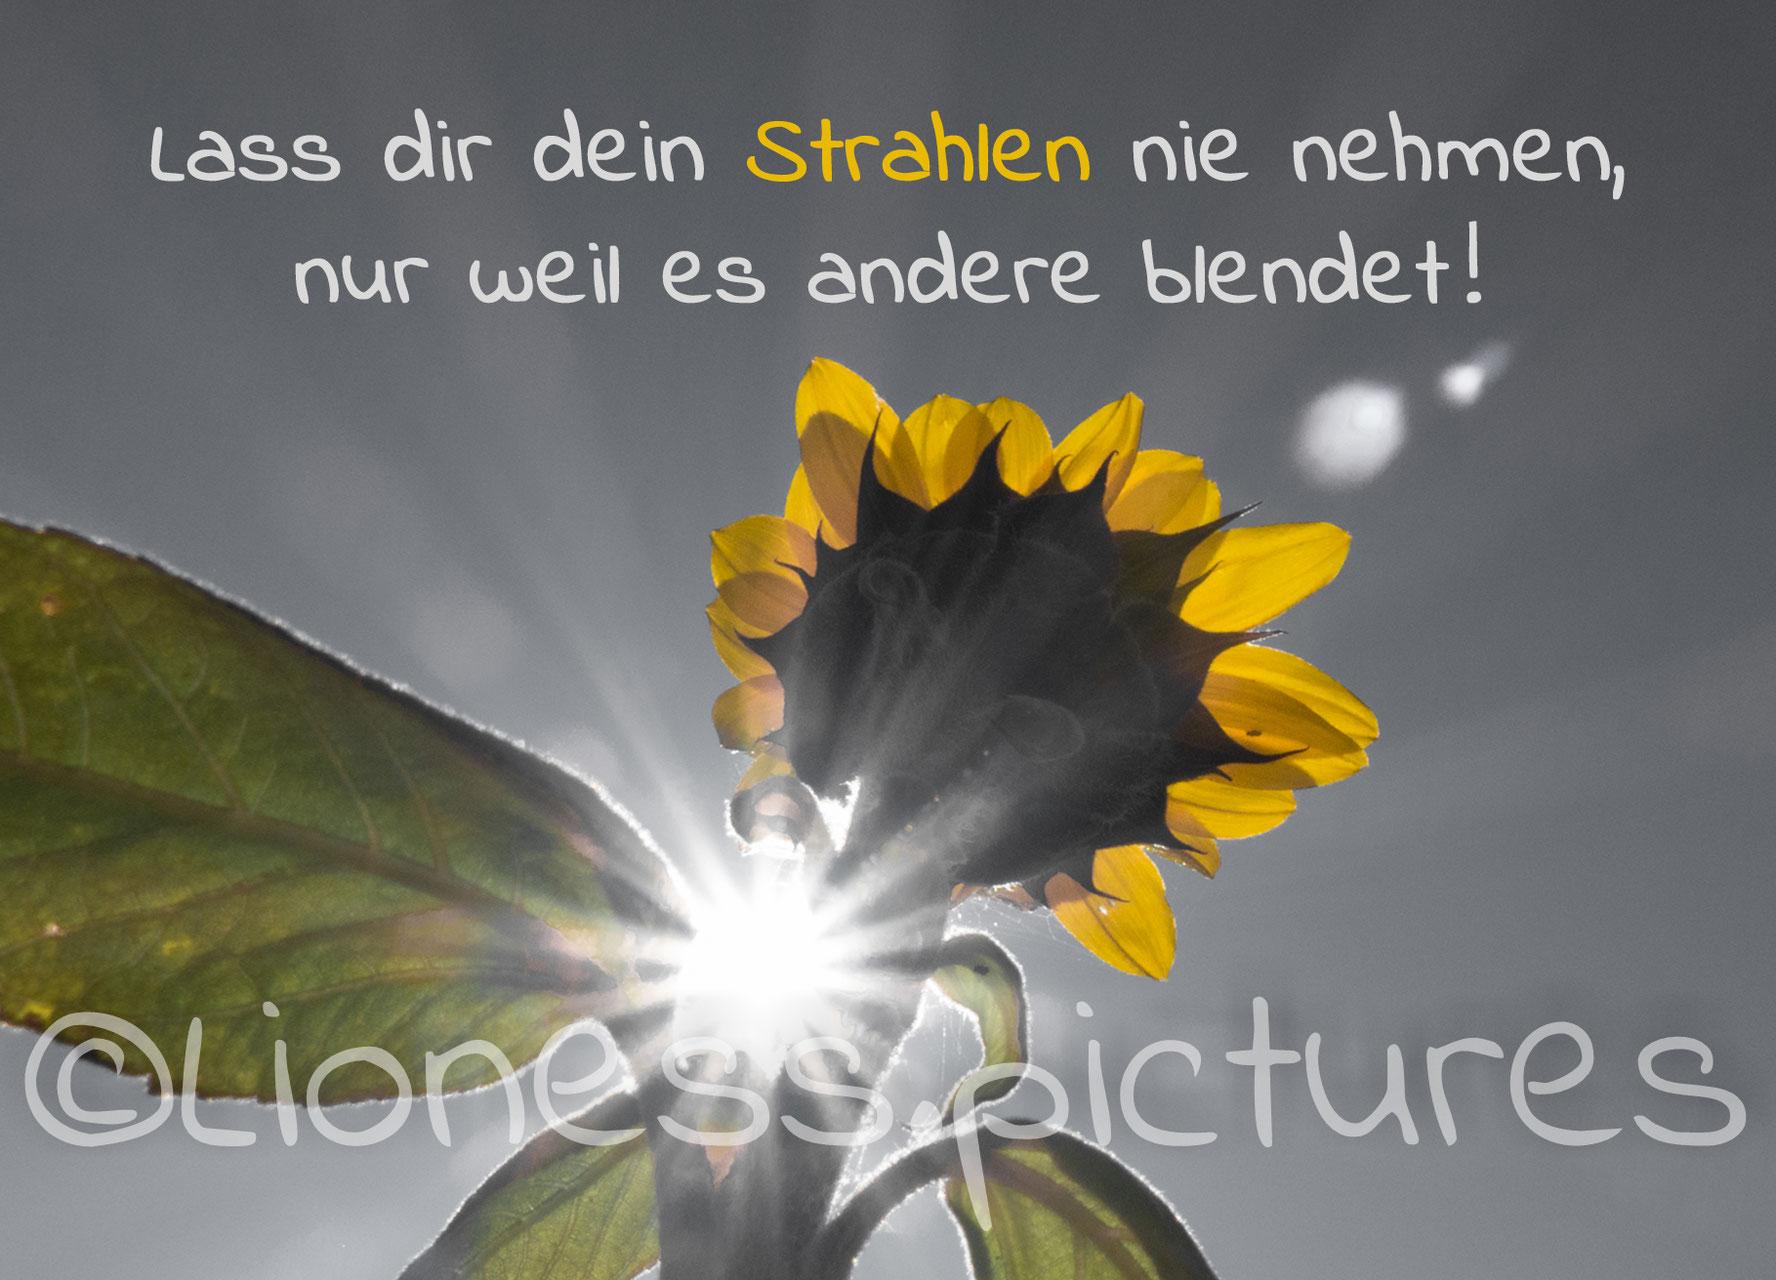 Sprüche / Aufmunterung - Lioness.pictures Webseite